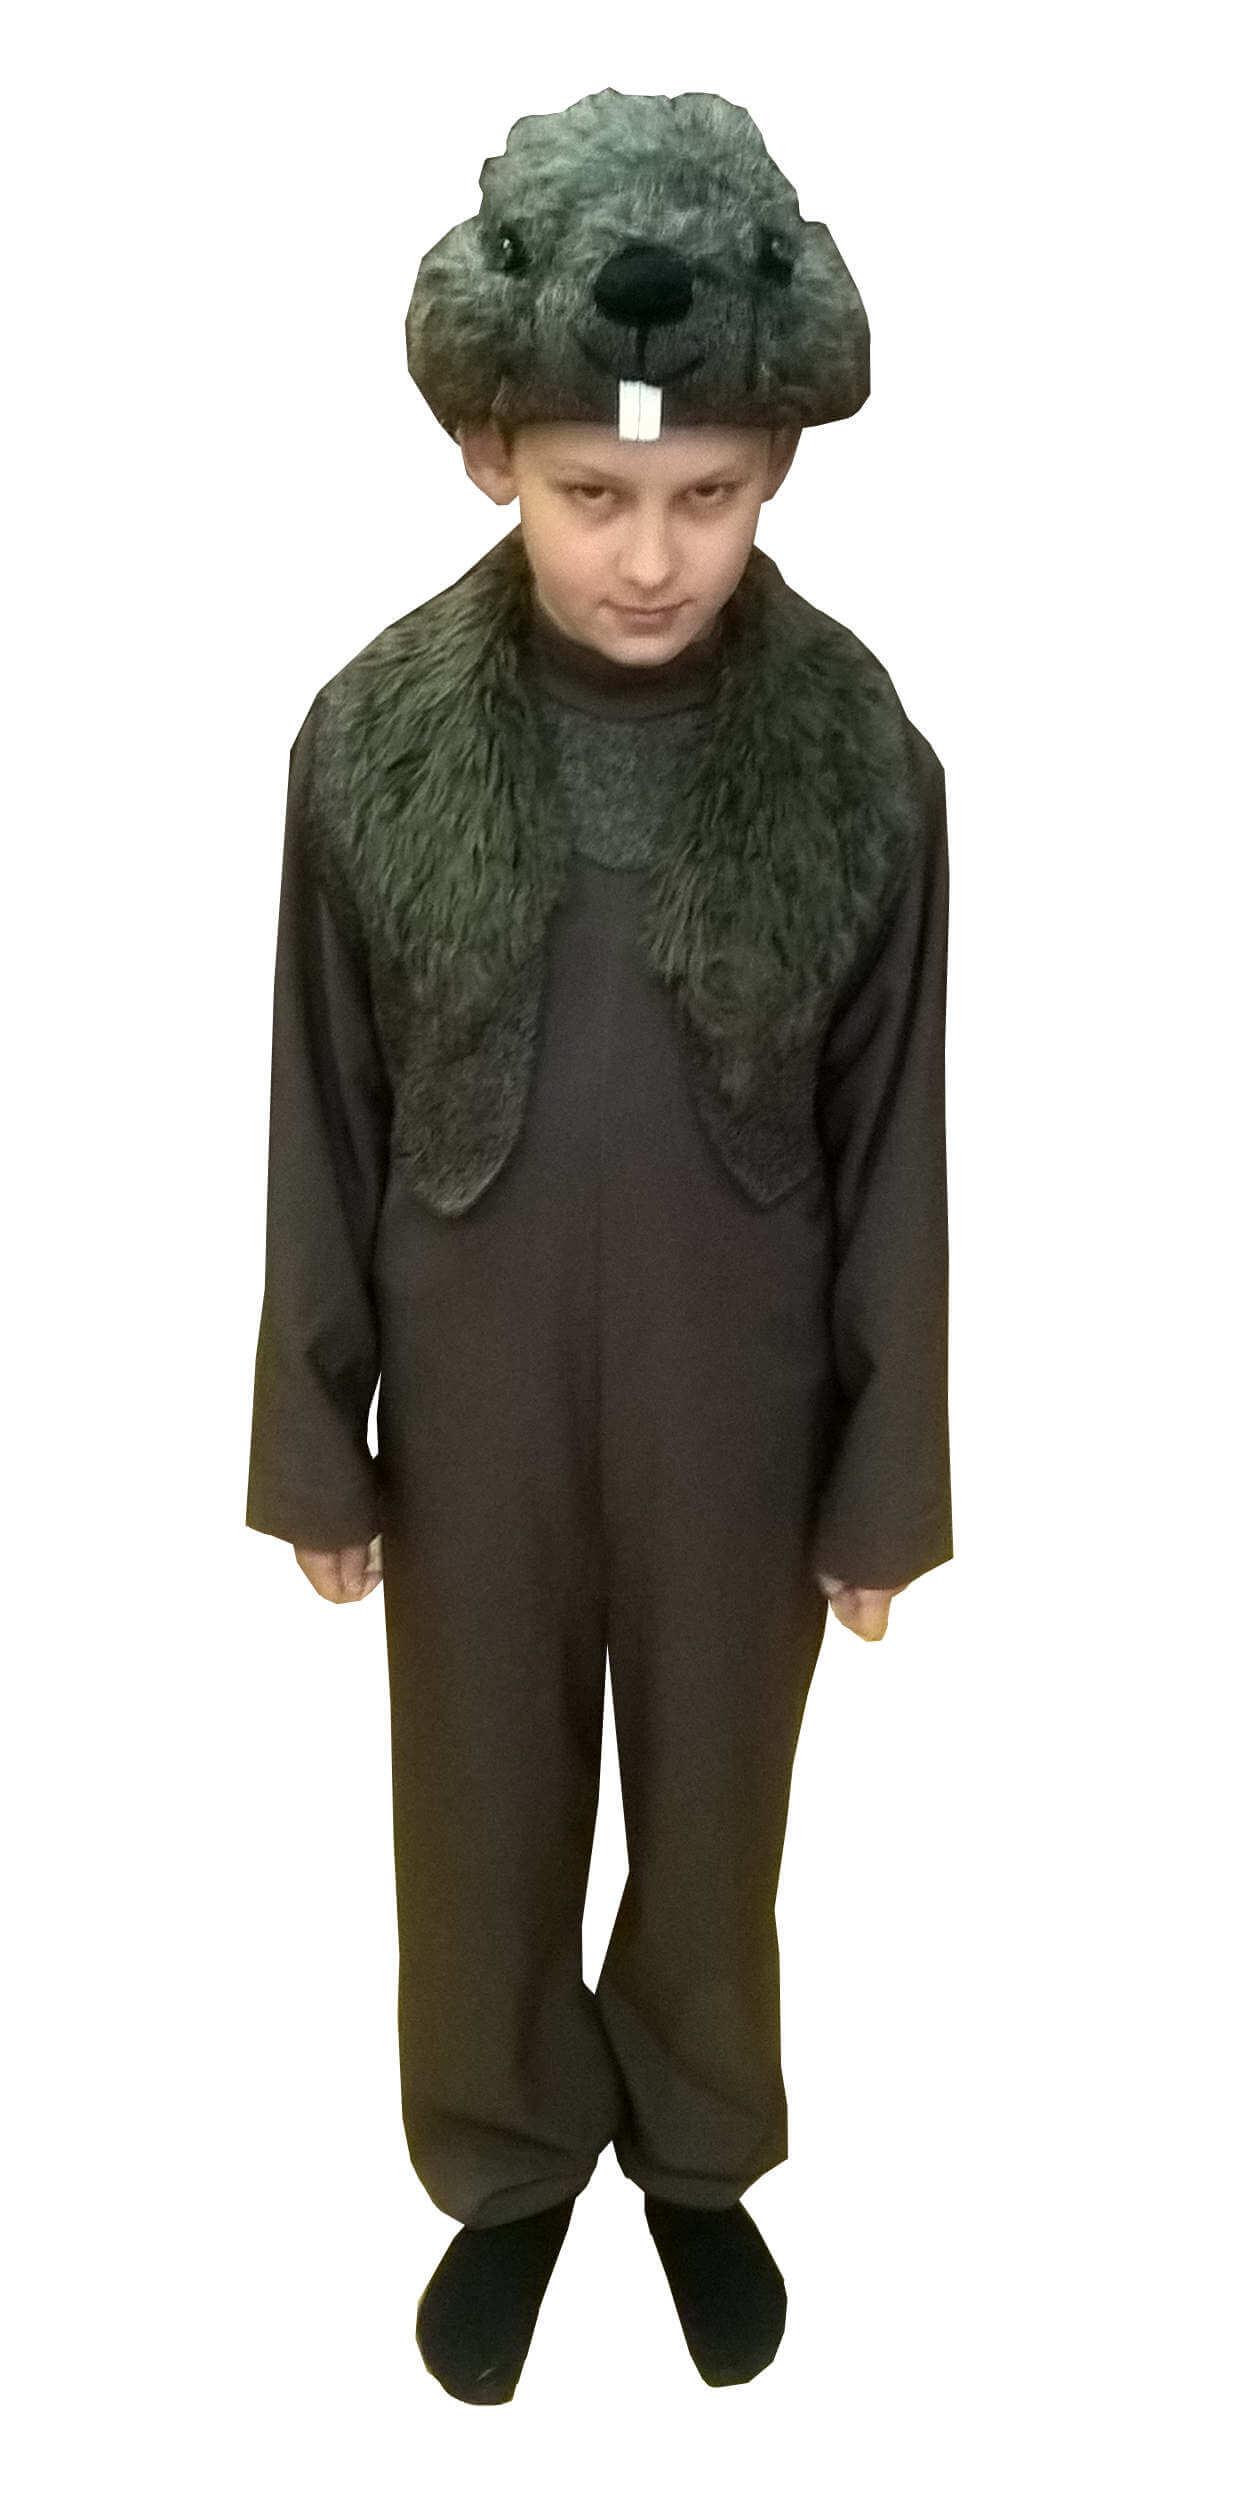 костюм бобра. Bebro kostiumas. Gyvunų karnavaliniai kostiumai. Karnavaliniu kostiumu nuoma vaikams Vilniuje - pasakunamai.lt